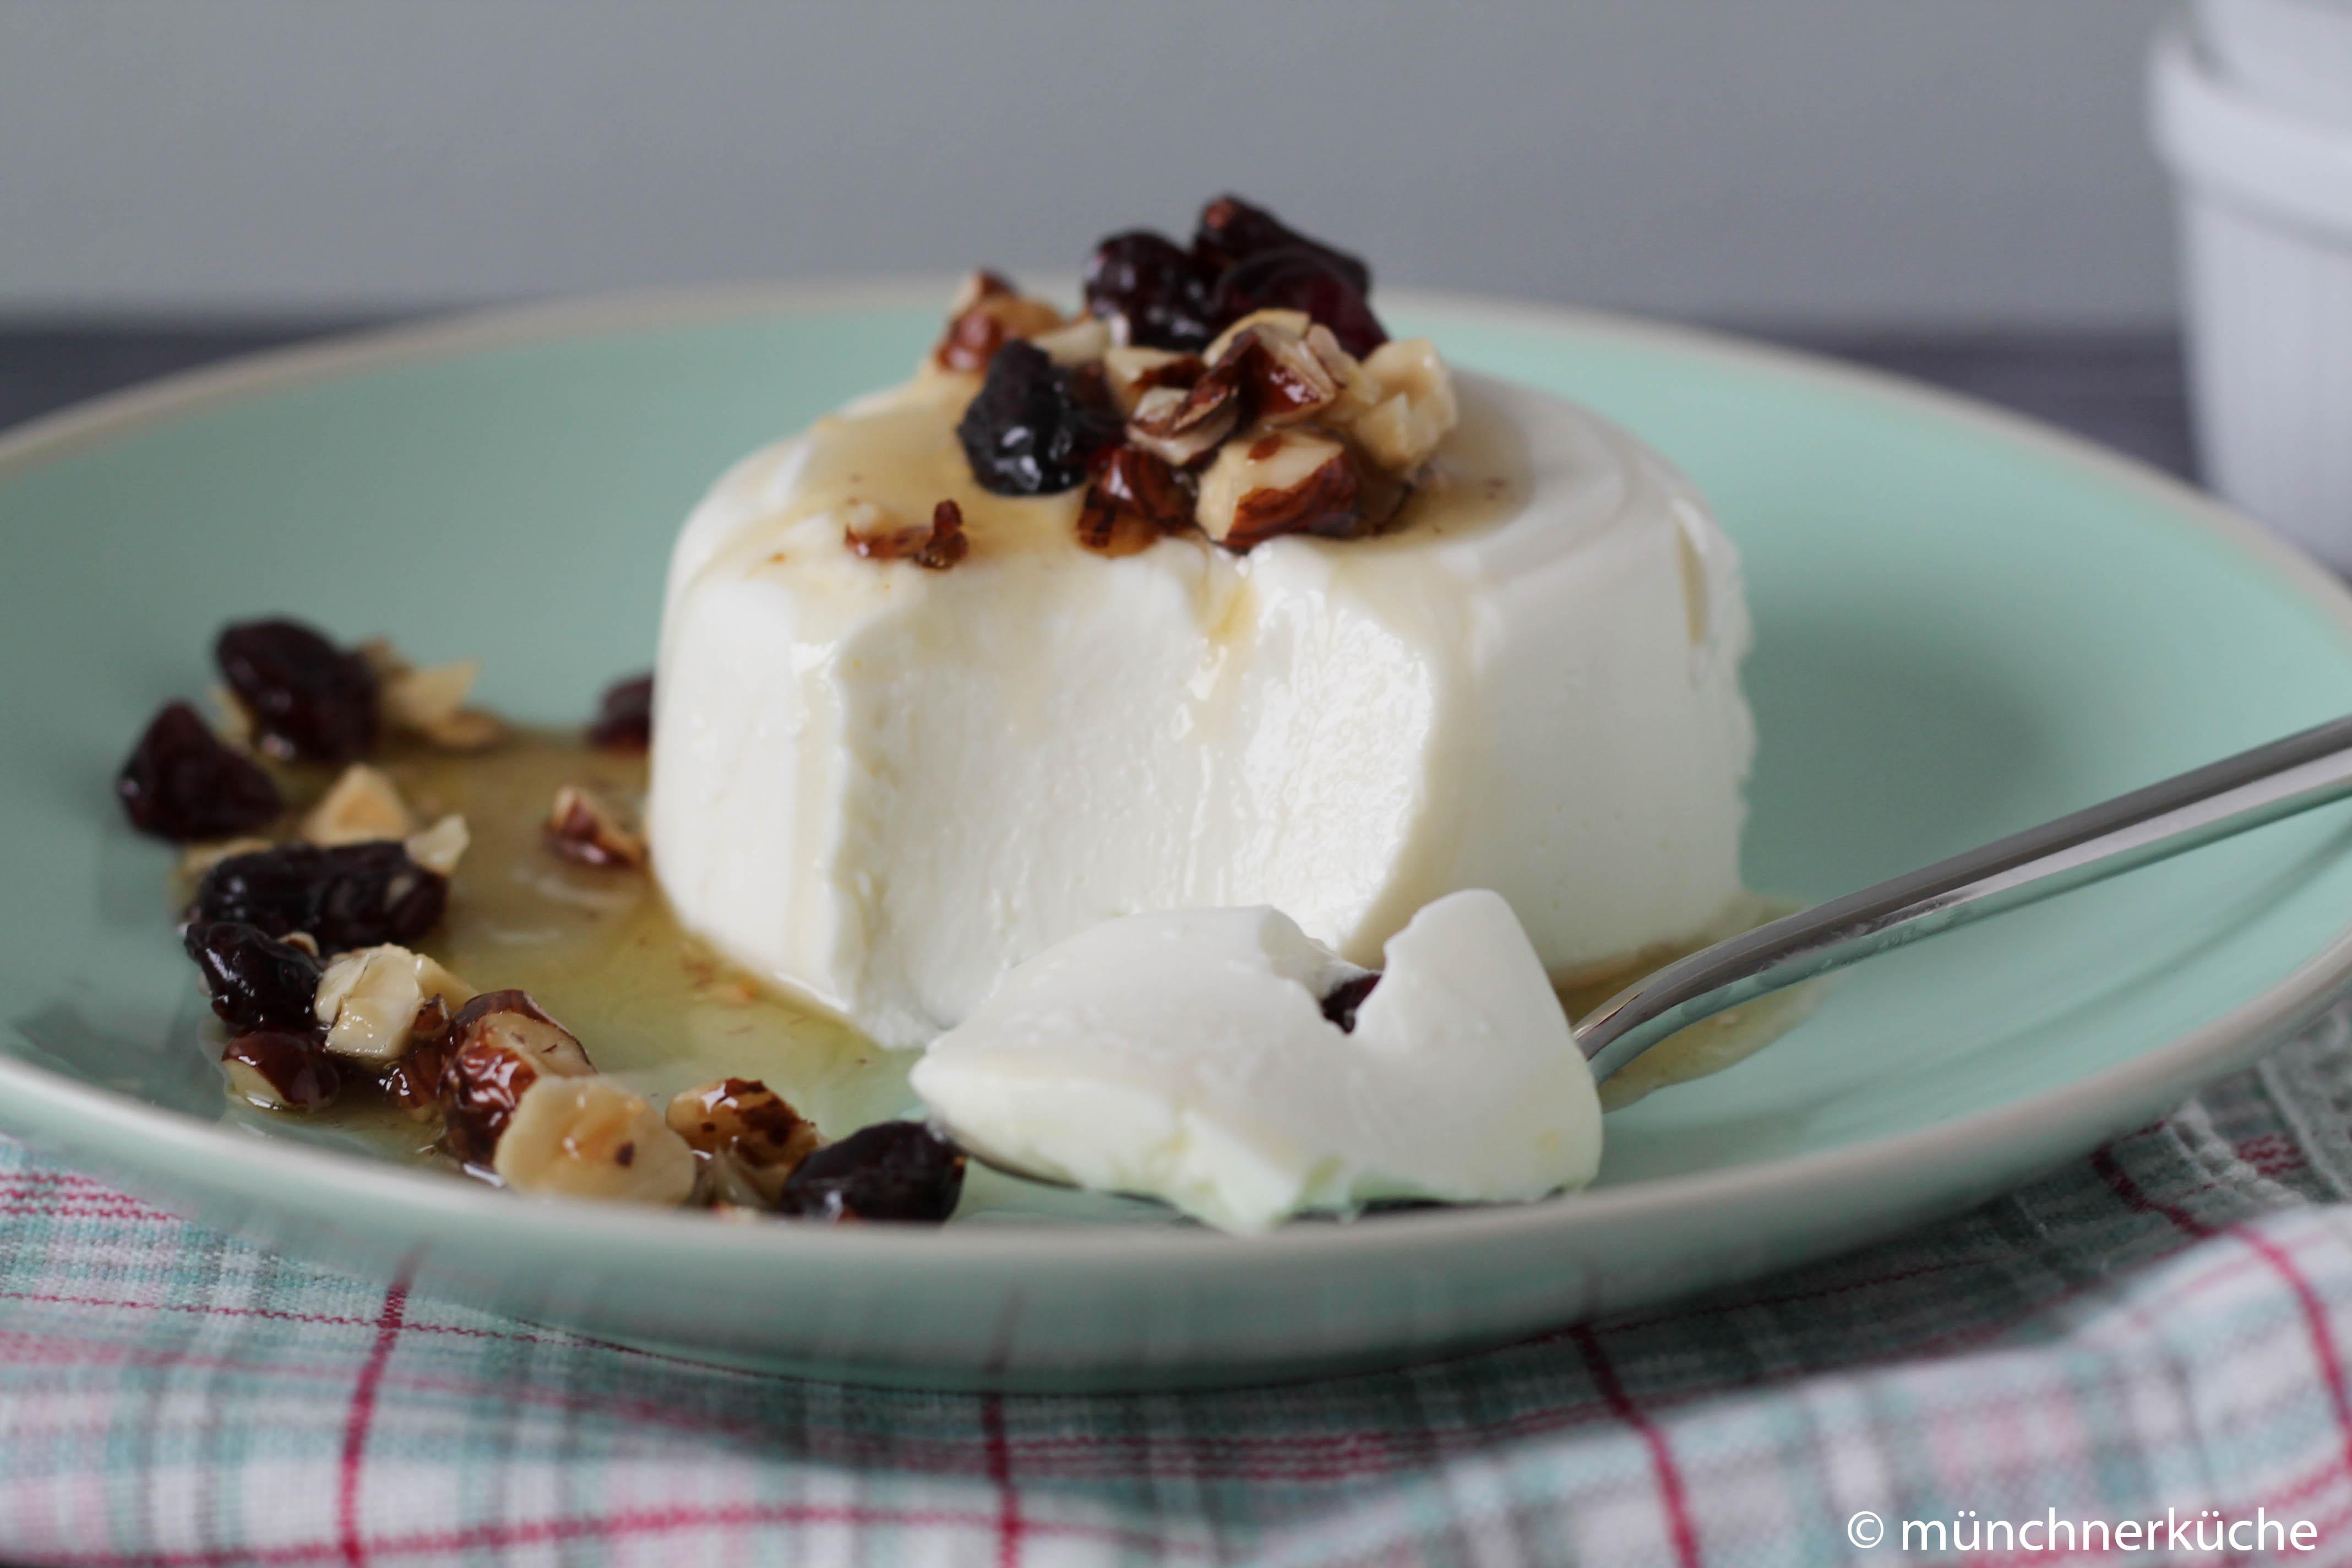 Die Joghurt-terrine wird mit einer Sauce serviert.